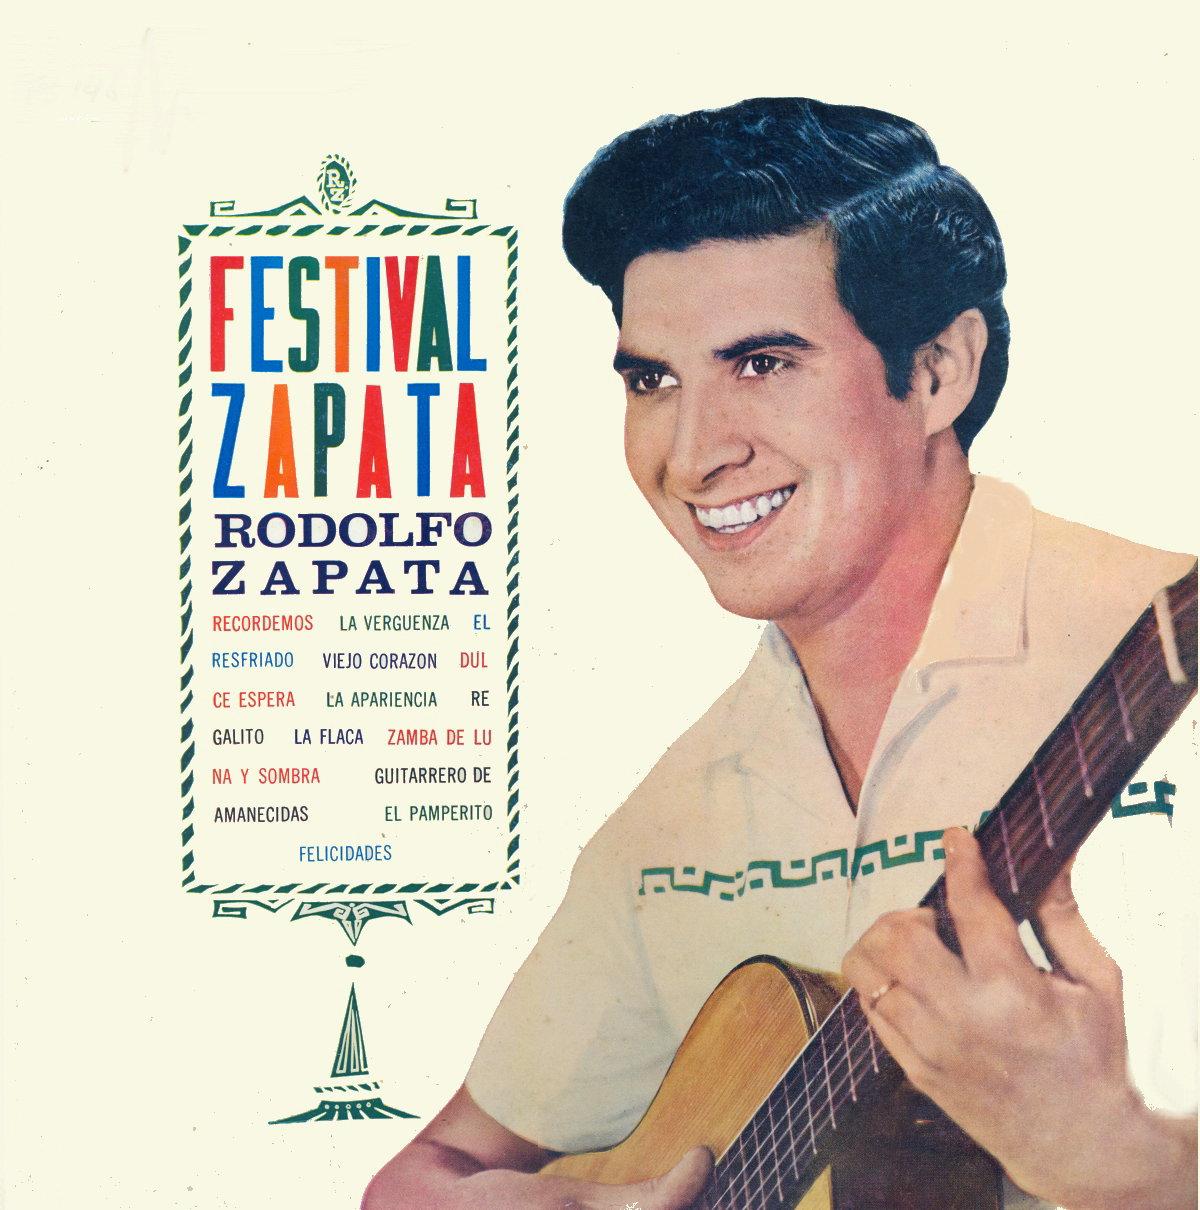 rodolfo zapata nacido el 10 de mayo de 1932 en buenos aires es un ...